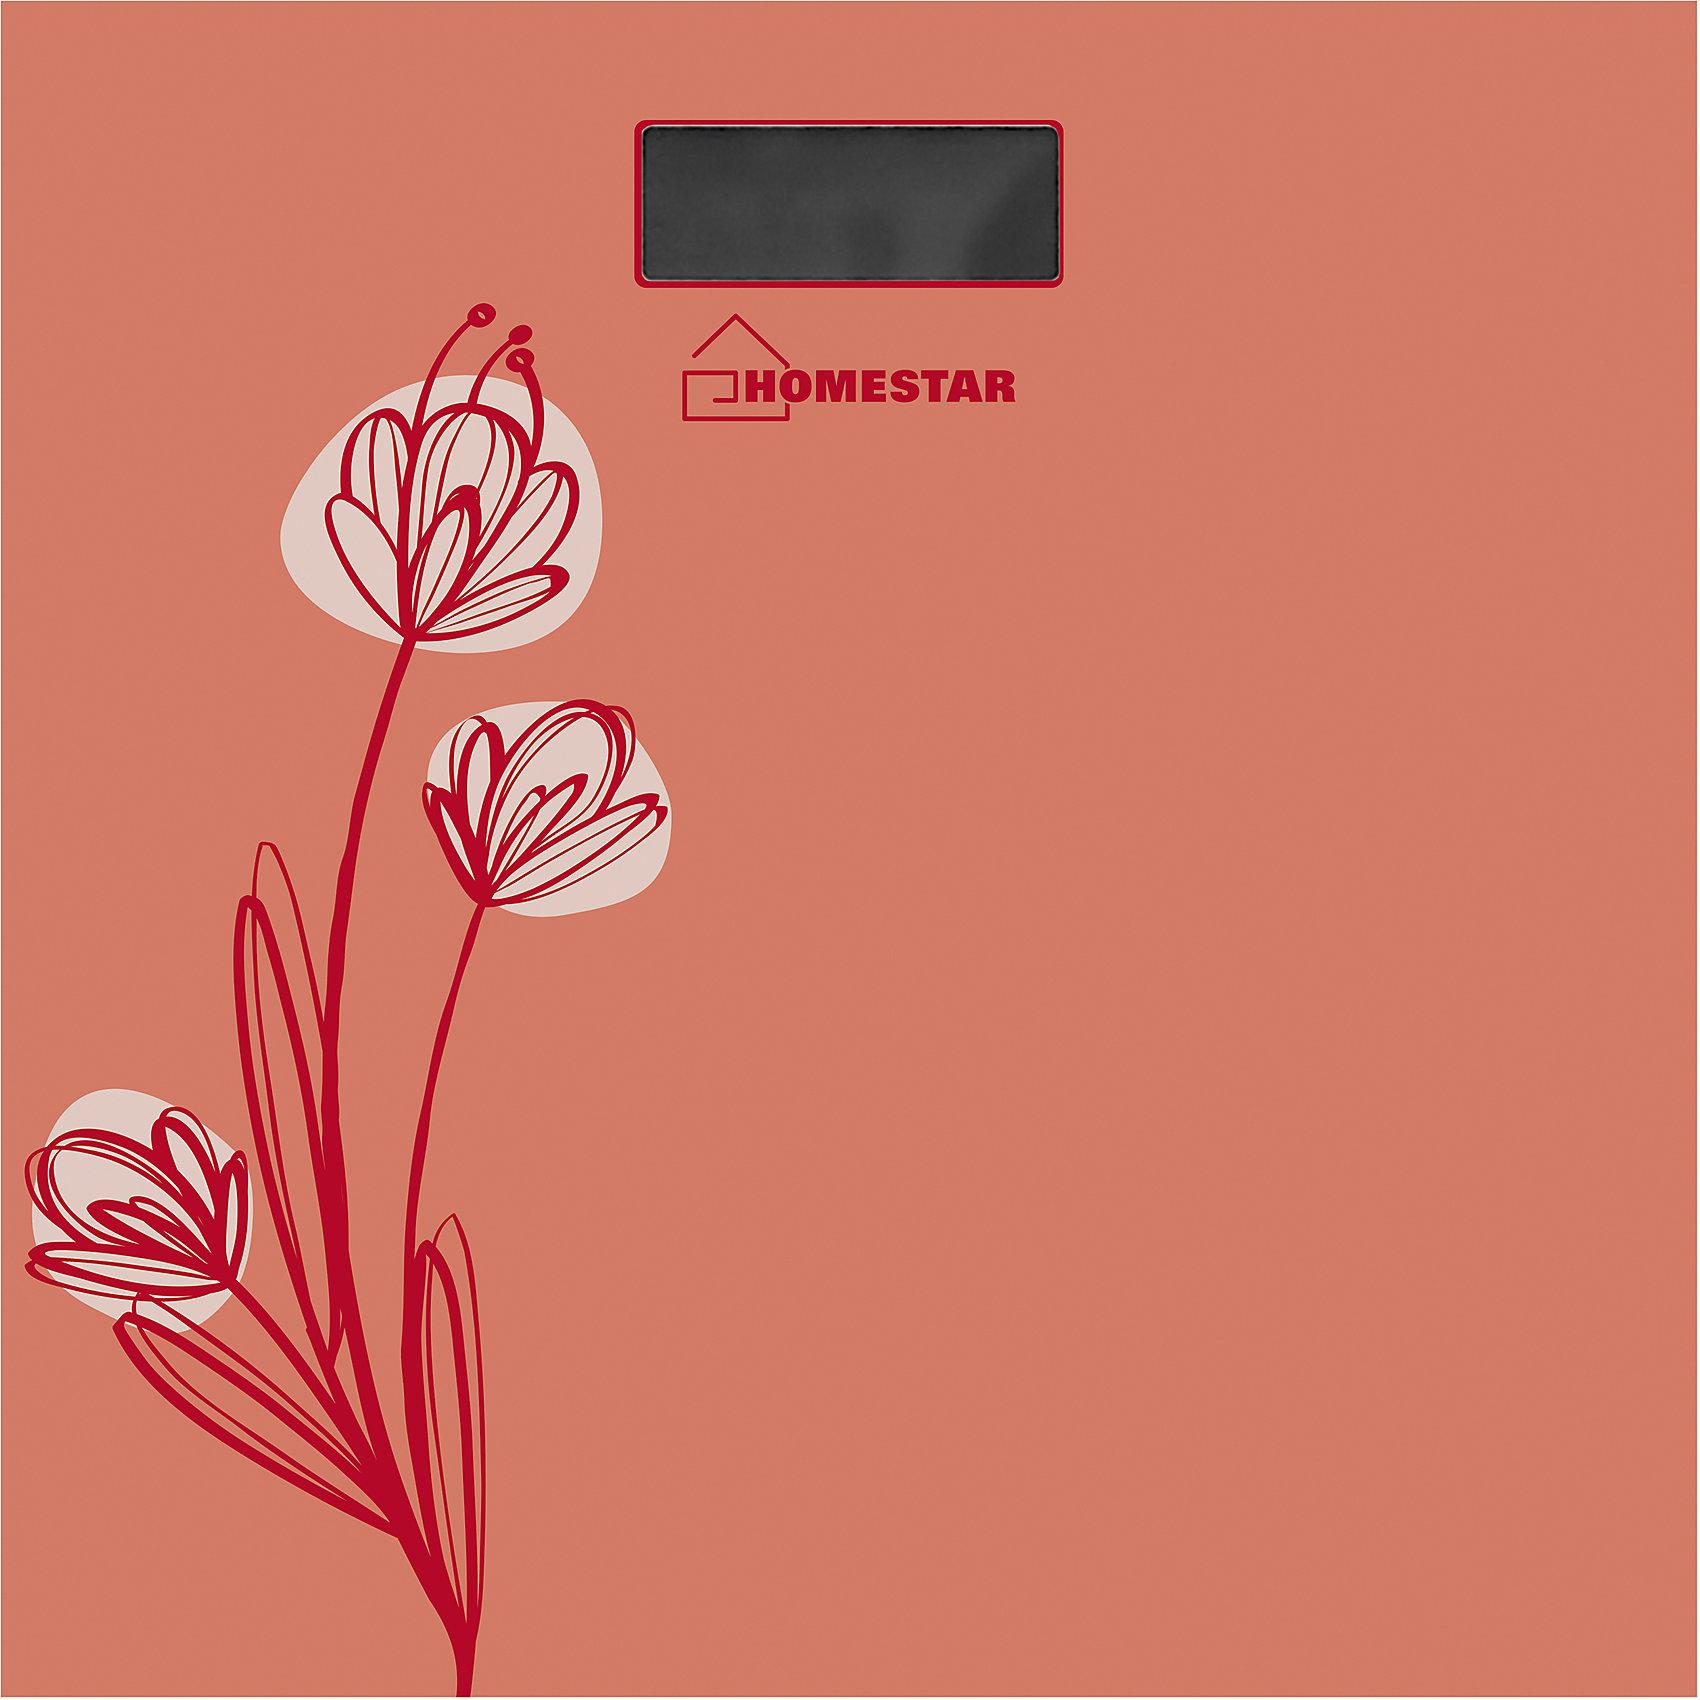 Весы напольные электронные HS-6001A, HOMESTARВесы напольные электронные HS-6001A, HOMESTAR (ХоумСтар)<br><br>Характеристики:<br><br>• поверхность весов из стекла<br>• максимальная нагрузка: 180 кг<br>• размер платформы: 26х26 см<br>• привлекательный дизайн<br>• единицы измерения: фунты, кг<br>• материал: стекло, пластик, металл<br>• батарейки: CR2032 - 1шт. (входит в комплект)<br><br>Если вы следите за своим весом, напольные часы HS-6001A станут вашим надежным помощником. Цифровое табло быстро покажет точный вес, измеряемый весами. Стеклянная платформа имеет размер 26х26 см и выдерживает нагрузку до 180 килограмм. Кроме того, весы имеют очень приятное оформление, которое всегда будет радовать глаз.<br><br>Весы напольные электронные HS-6001A, HOMESTAR (ХоумСтар) вы можете купить в нашем интернет-магазине.<br><br>Ширина мм: 300<br>Глубина мм: 270<br>Высота мм: 20<br>Вес г: 1119<br>Возраст от месяцев: 0<br>Возраст до месяцев: 36<br>Пол: Унисекс<br>Возраст: Детский<br>SKU: 5454045